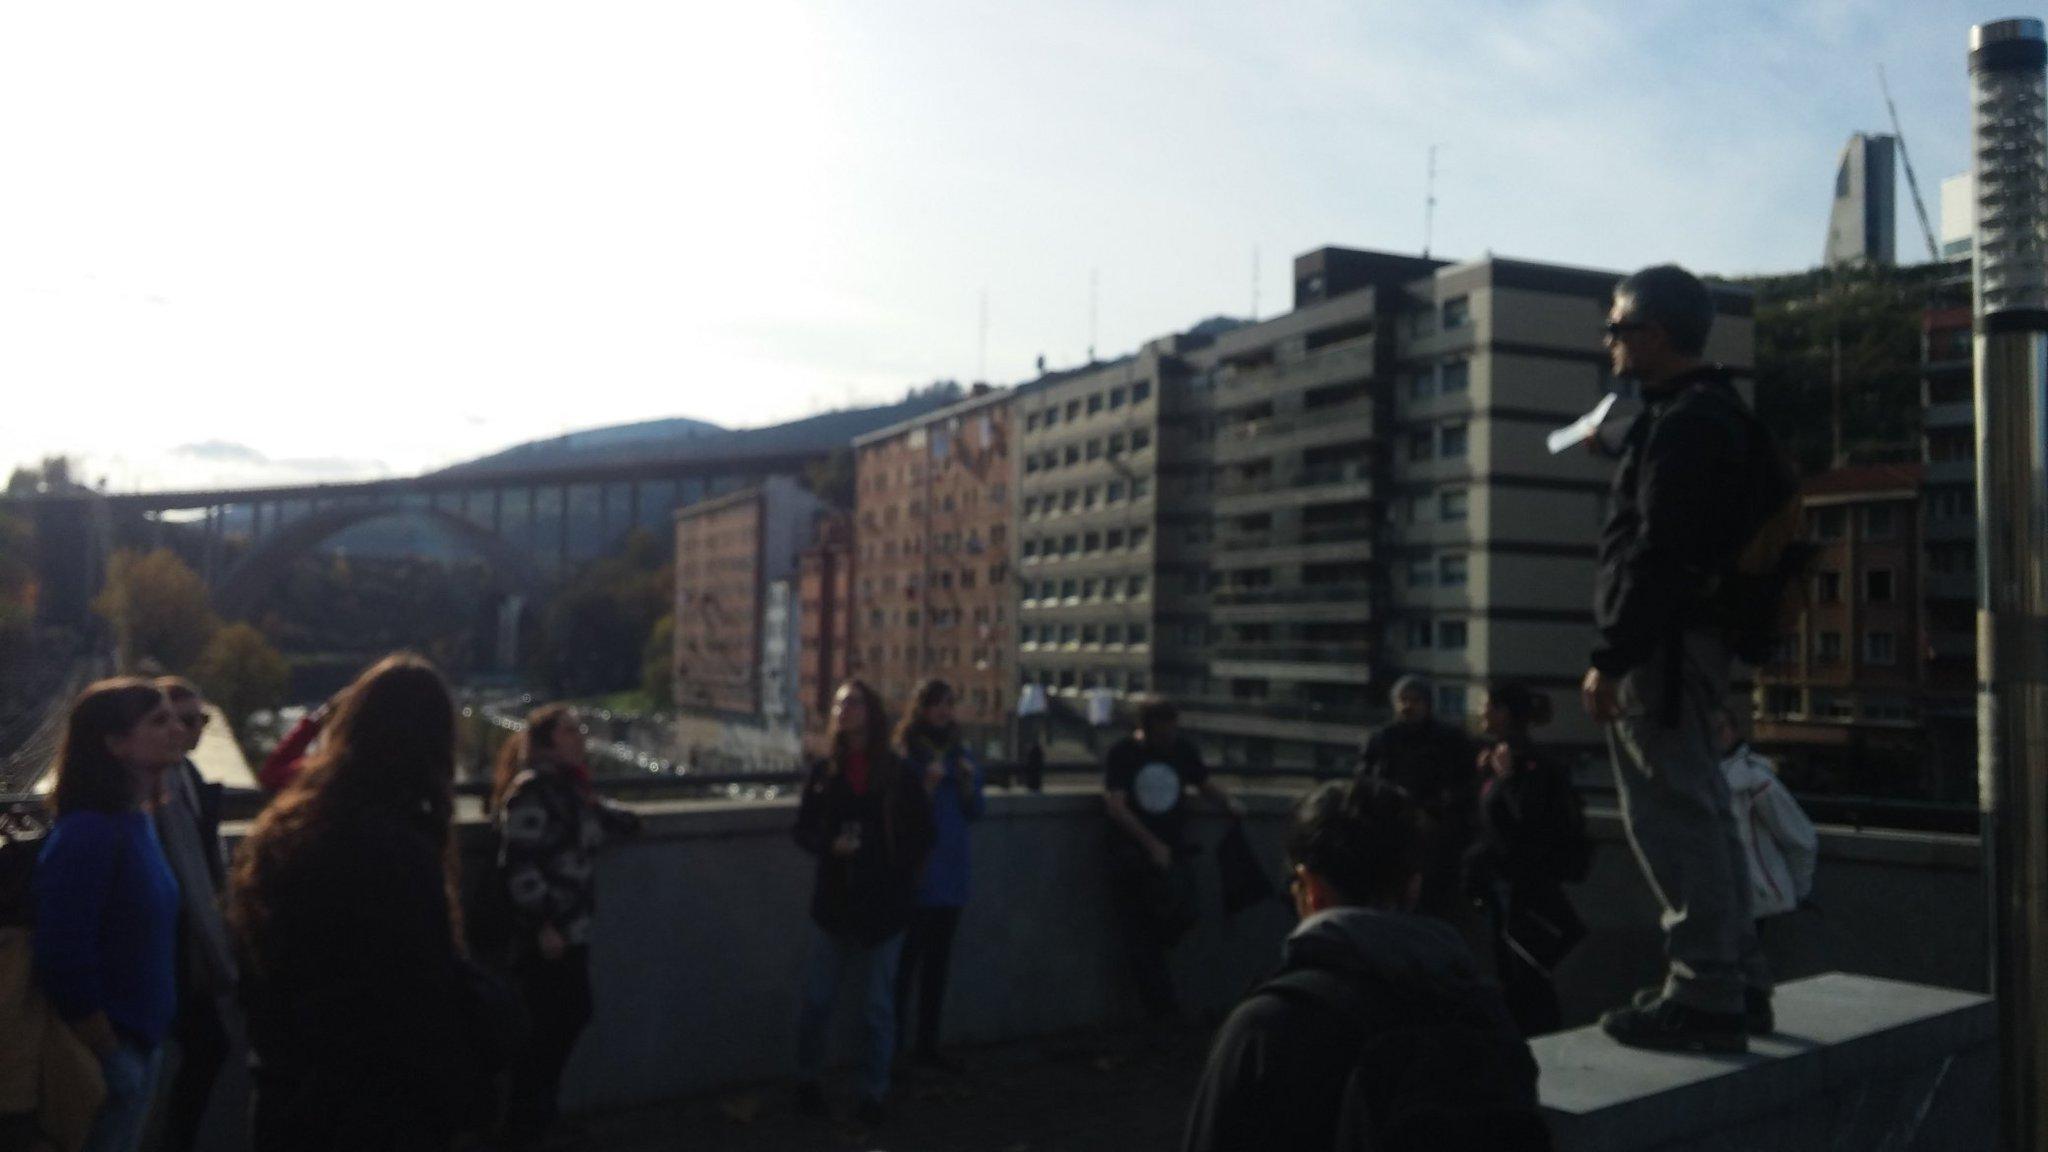 Paseo de los caños #urbanbat16 Bilbao https://t.co/L0ya4LC3jU